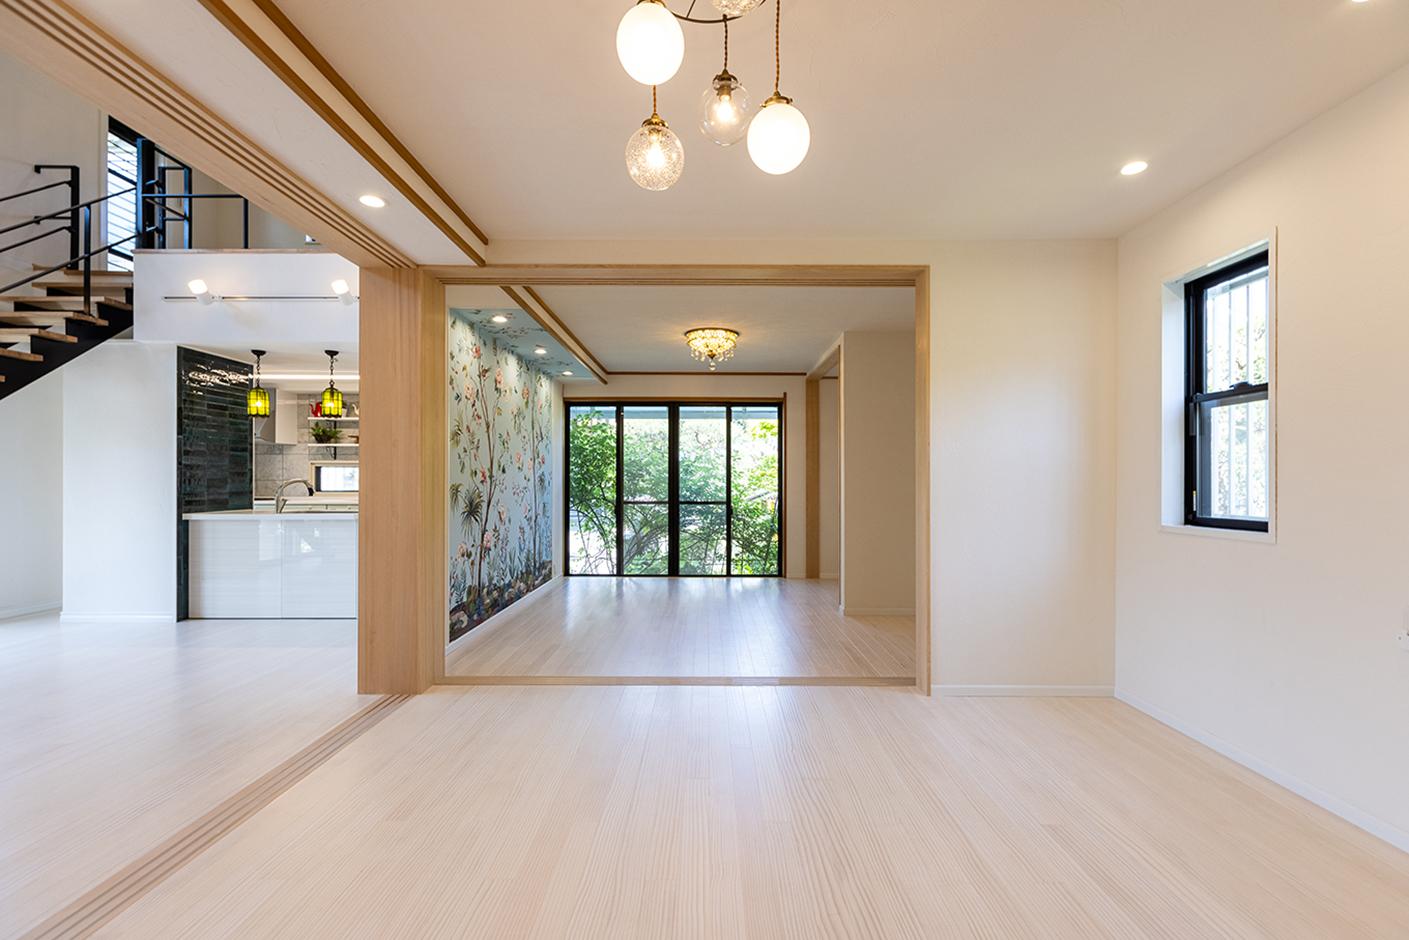 山春建設 リビングに続く元和室2間は床材・壁をリビングと統一し一体的な空間に。部屋を間仕切ることのできる引戸は段差なしのバリアフリーで安心安全